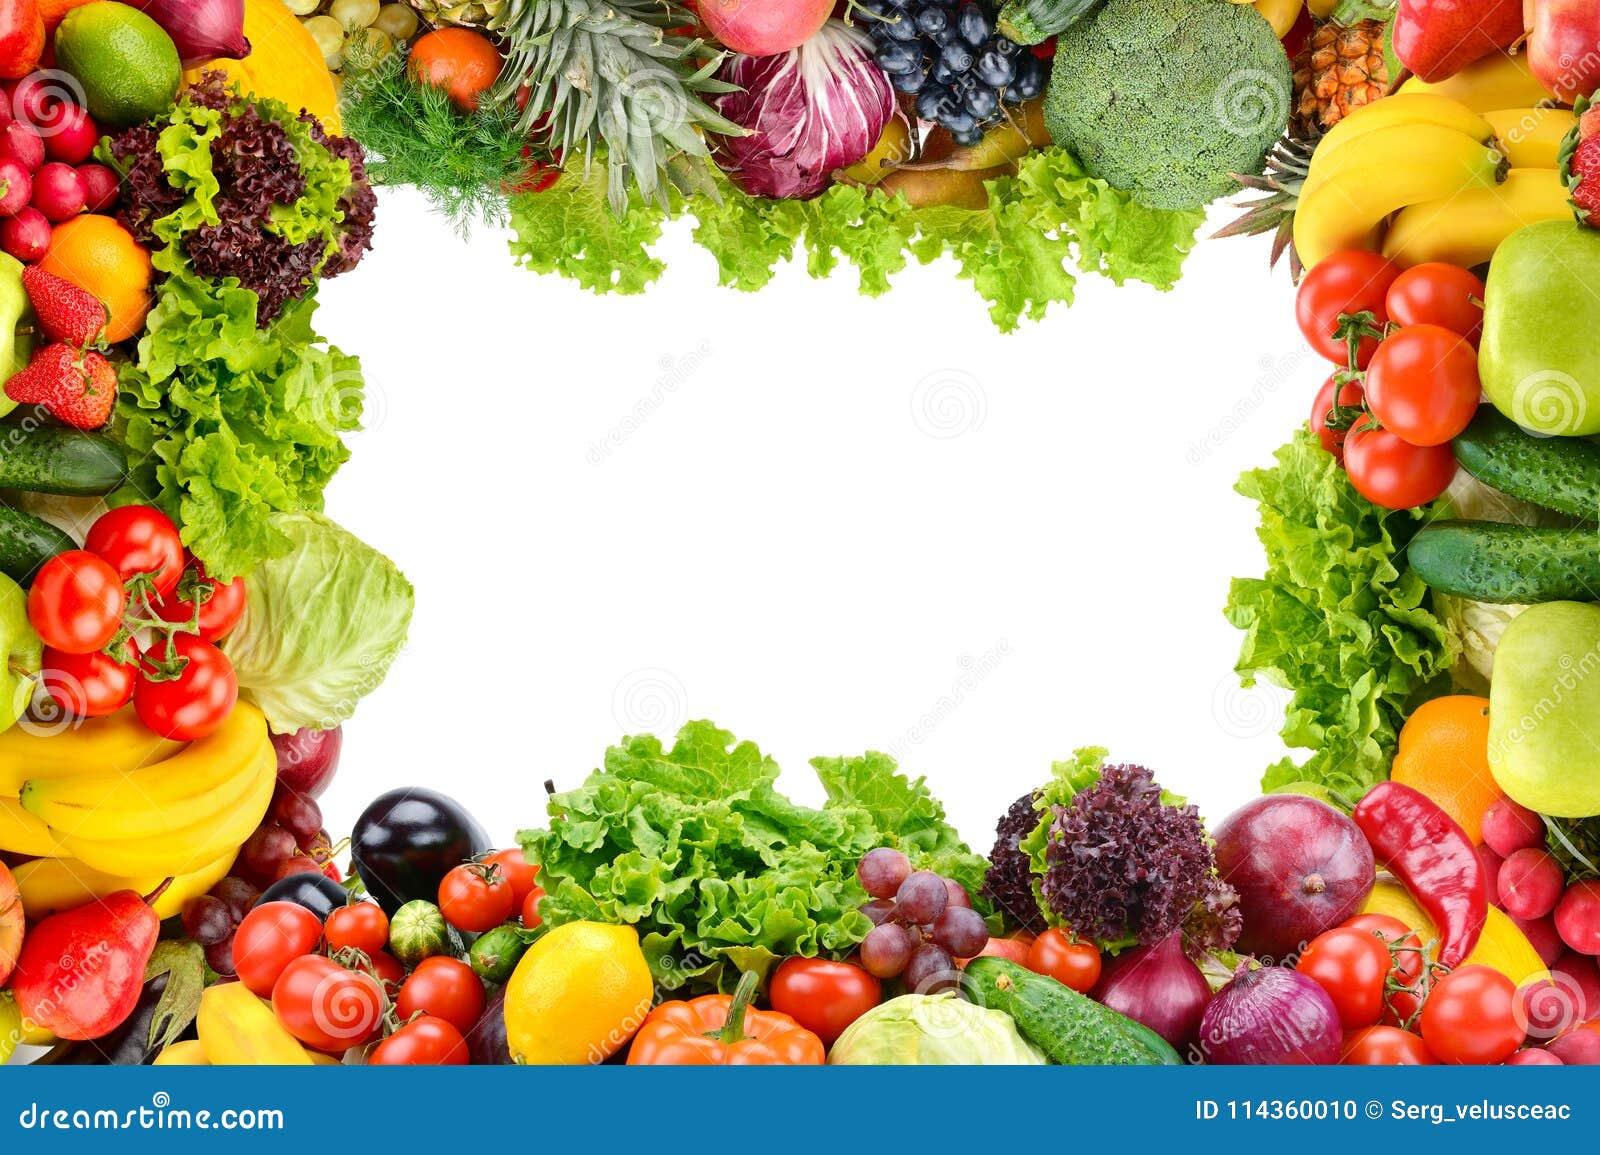 Collage av frukter och grönsaker som ramen som isoleras på vit